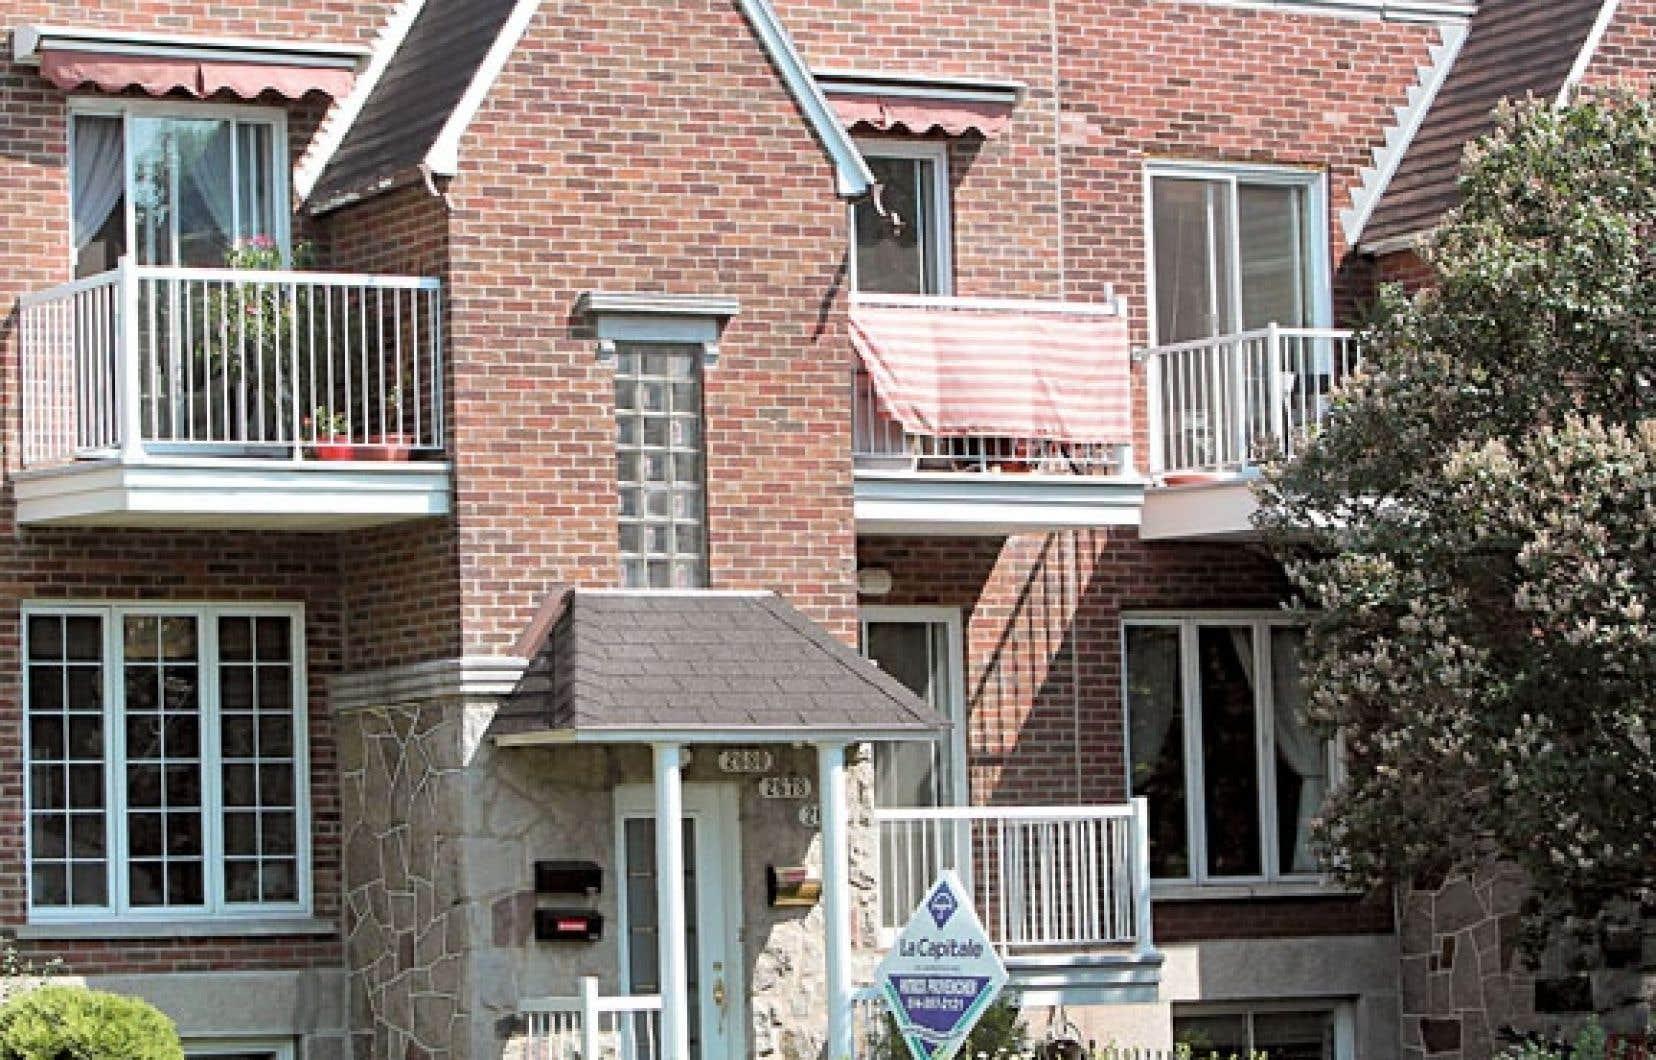 Posséder une maison au Canada est devenu plus difficile ...